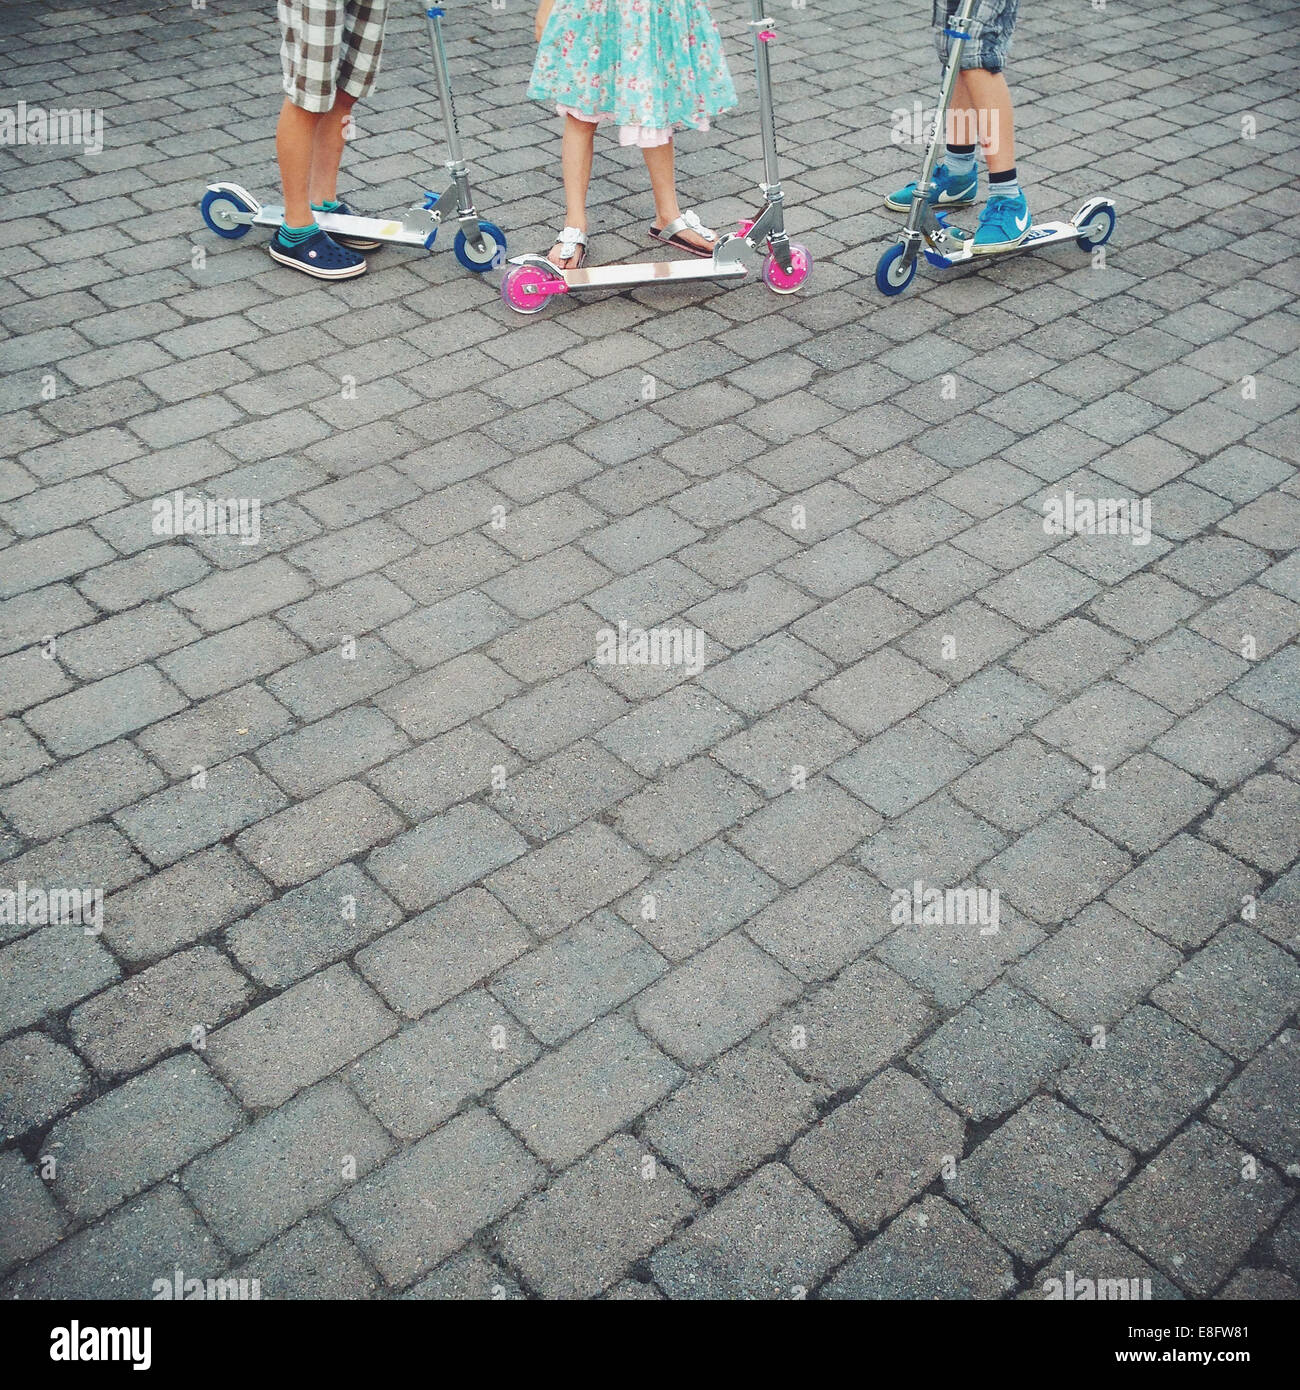 Cerca de los niños (10-11, 12-13) de pie junto a scooters Foto de stock